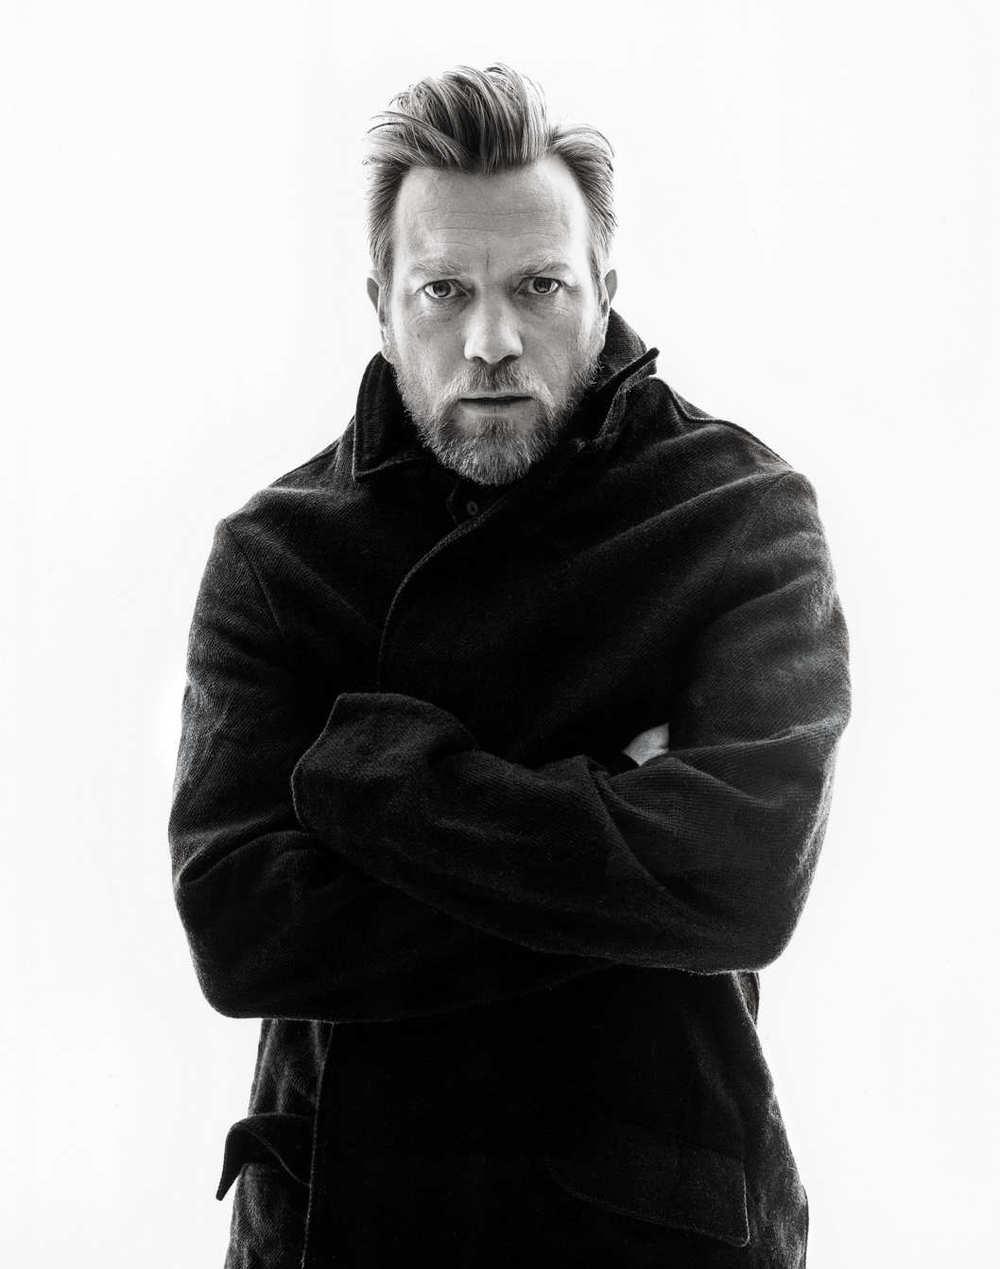 """Ewan Gordon McGregornão é apenas um dos atores escoceses mais importantes e talentosos da atualidade. Étambém um dosmais elegantes do mundo. Com mais de 50 filmes na carreira, entre eles, sucessos eternos como """"Trainspotting"""", """"Star Wars"""", """"Peixe Grande"""" e """"Anjos e Demônios"""", Ewan é também um entusiasta das motocicletas clássicas - fator influenteno seu figurino diário. E por falar em figurino, Ewan é mesmo um exemplo. Simplicidade e bom gosto são adjetivos que o caracterizam muito bem, a julgar pelas suas inteligentes escolhas para ternos e demais costumes. No seu 44º aniversário, ele recebe o nosso aplauso pelo talento como ator eícone de estilo. Sem falar no sotaque mais elegante que existe."""